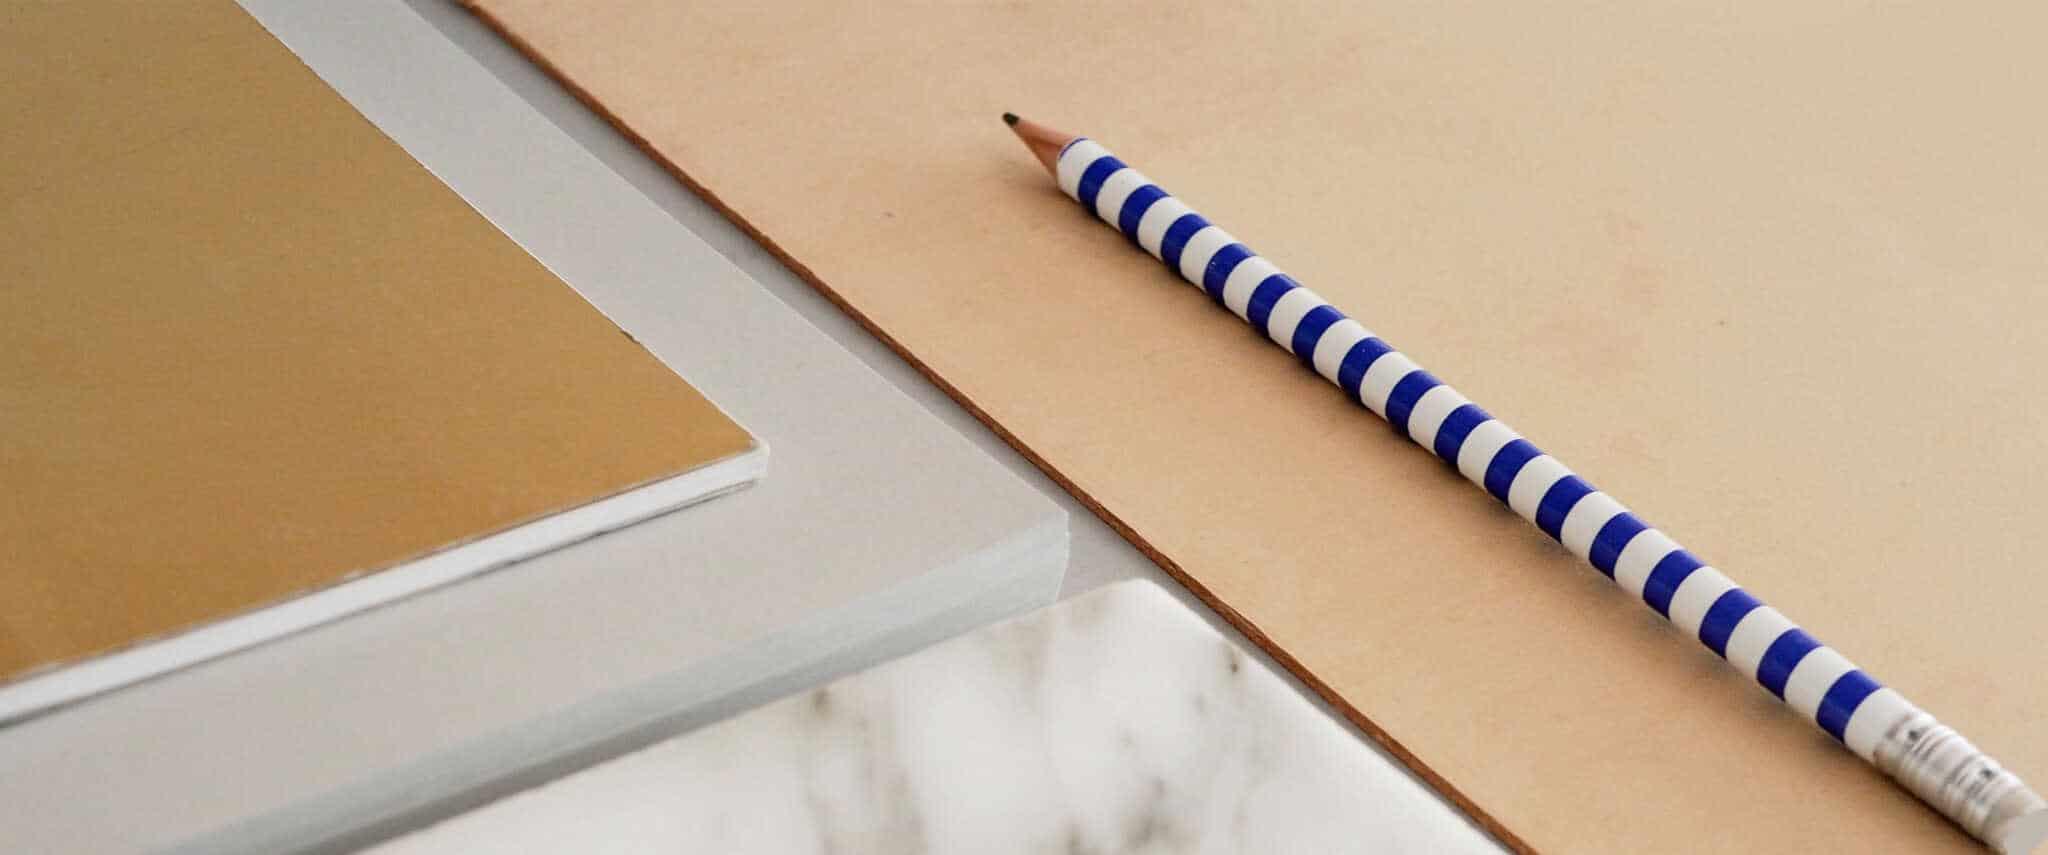 6 Steps To Become A Freelance Interior Designer